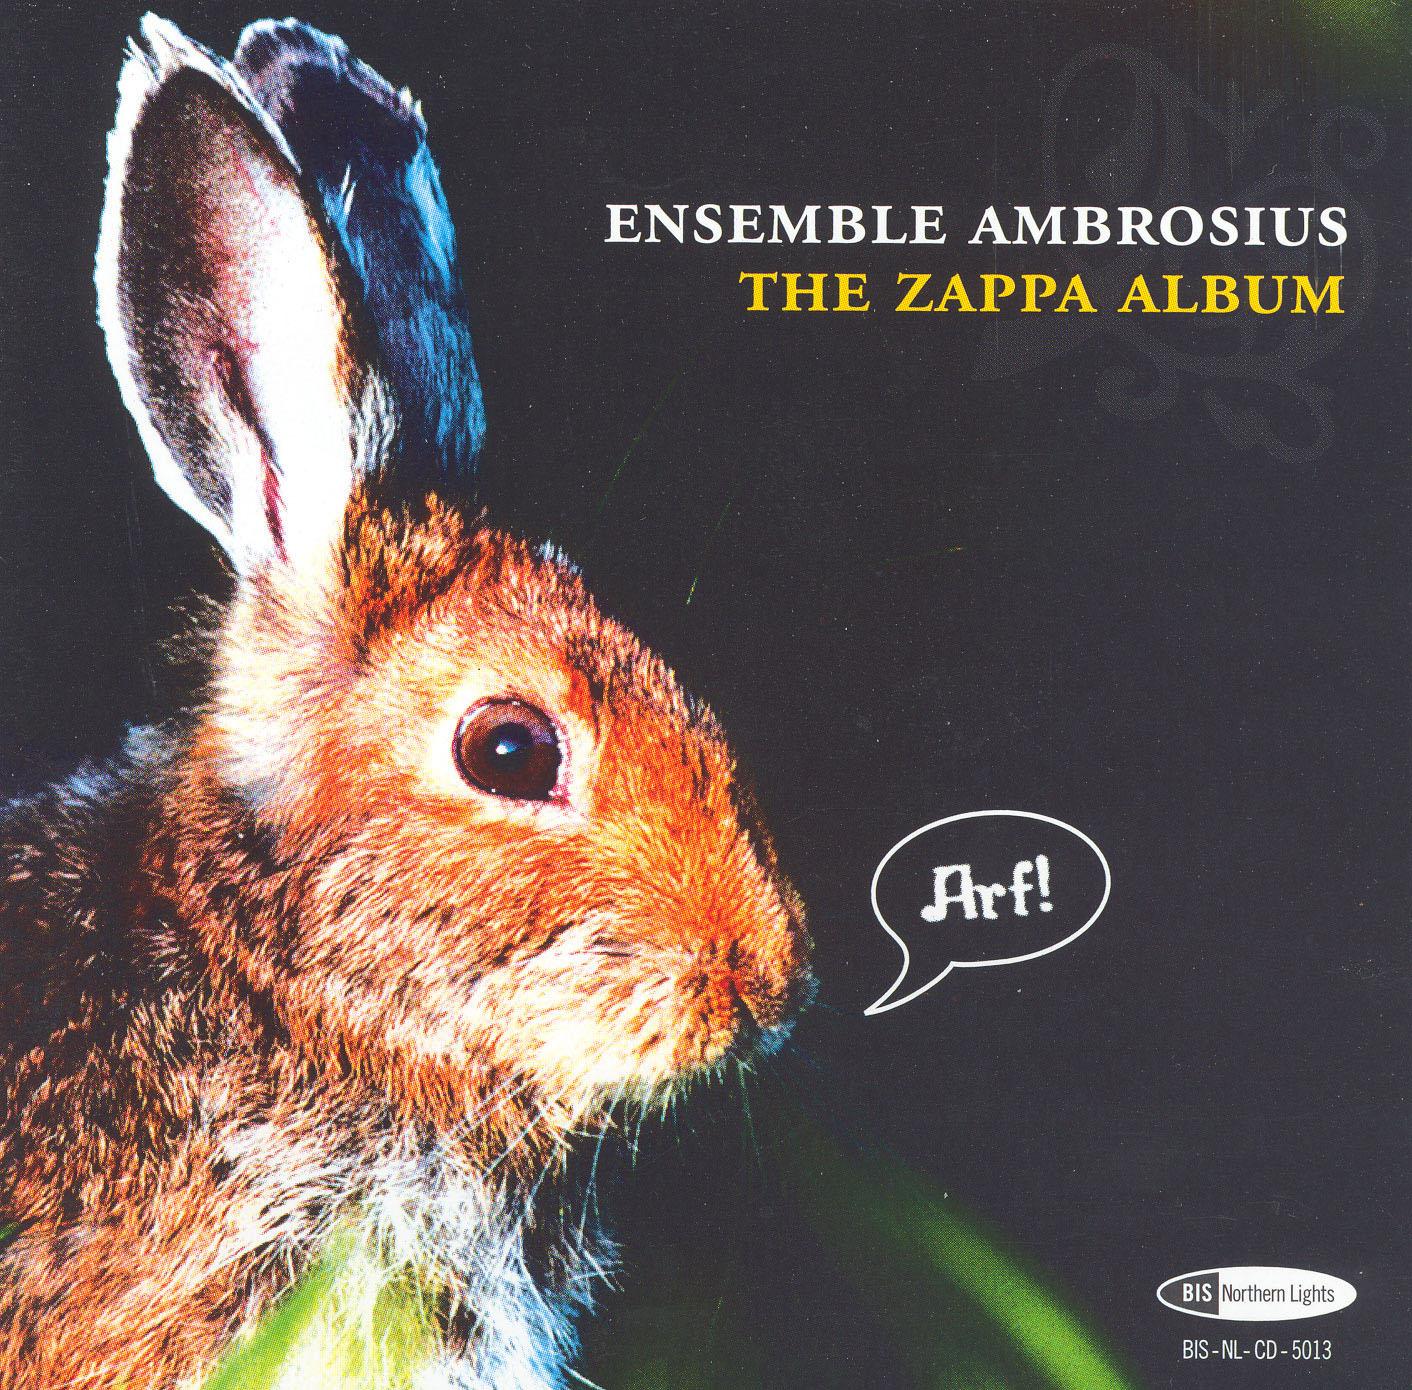 Zappa Album (The)